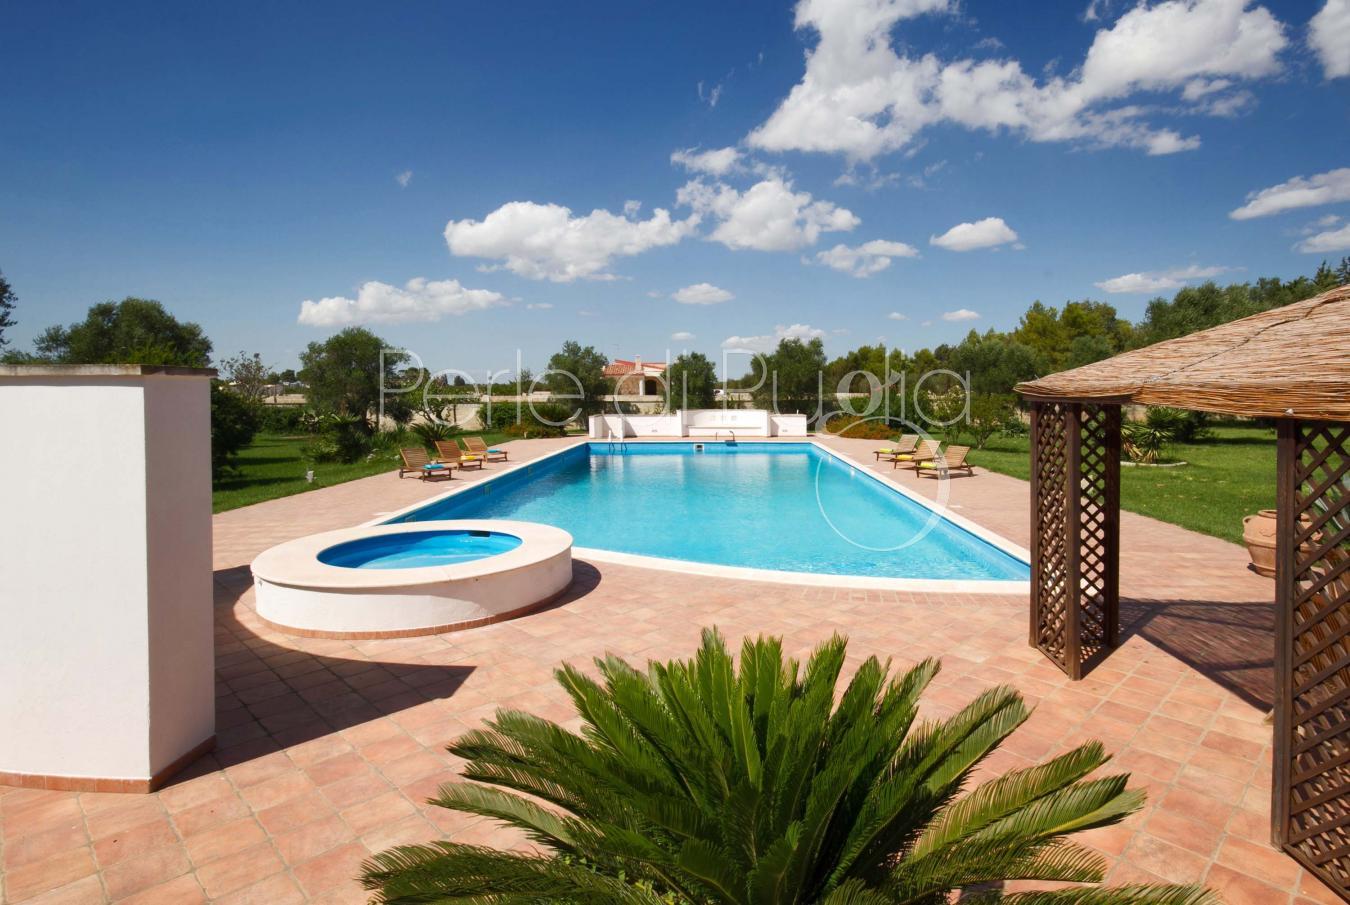 Affitto villa a lecce con piscina le macchie - Piscine a lecce ...